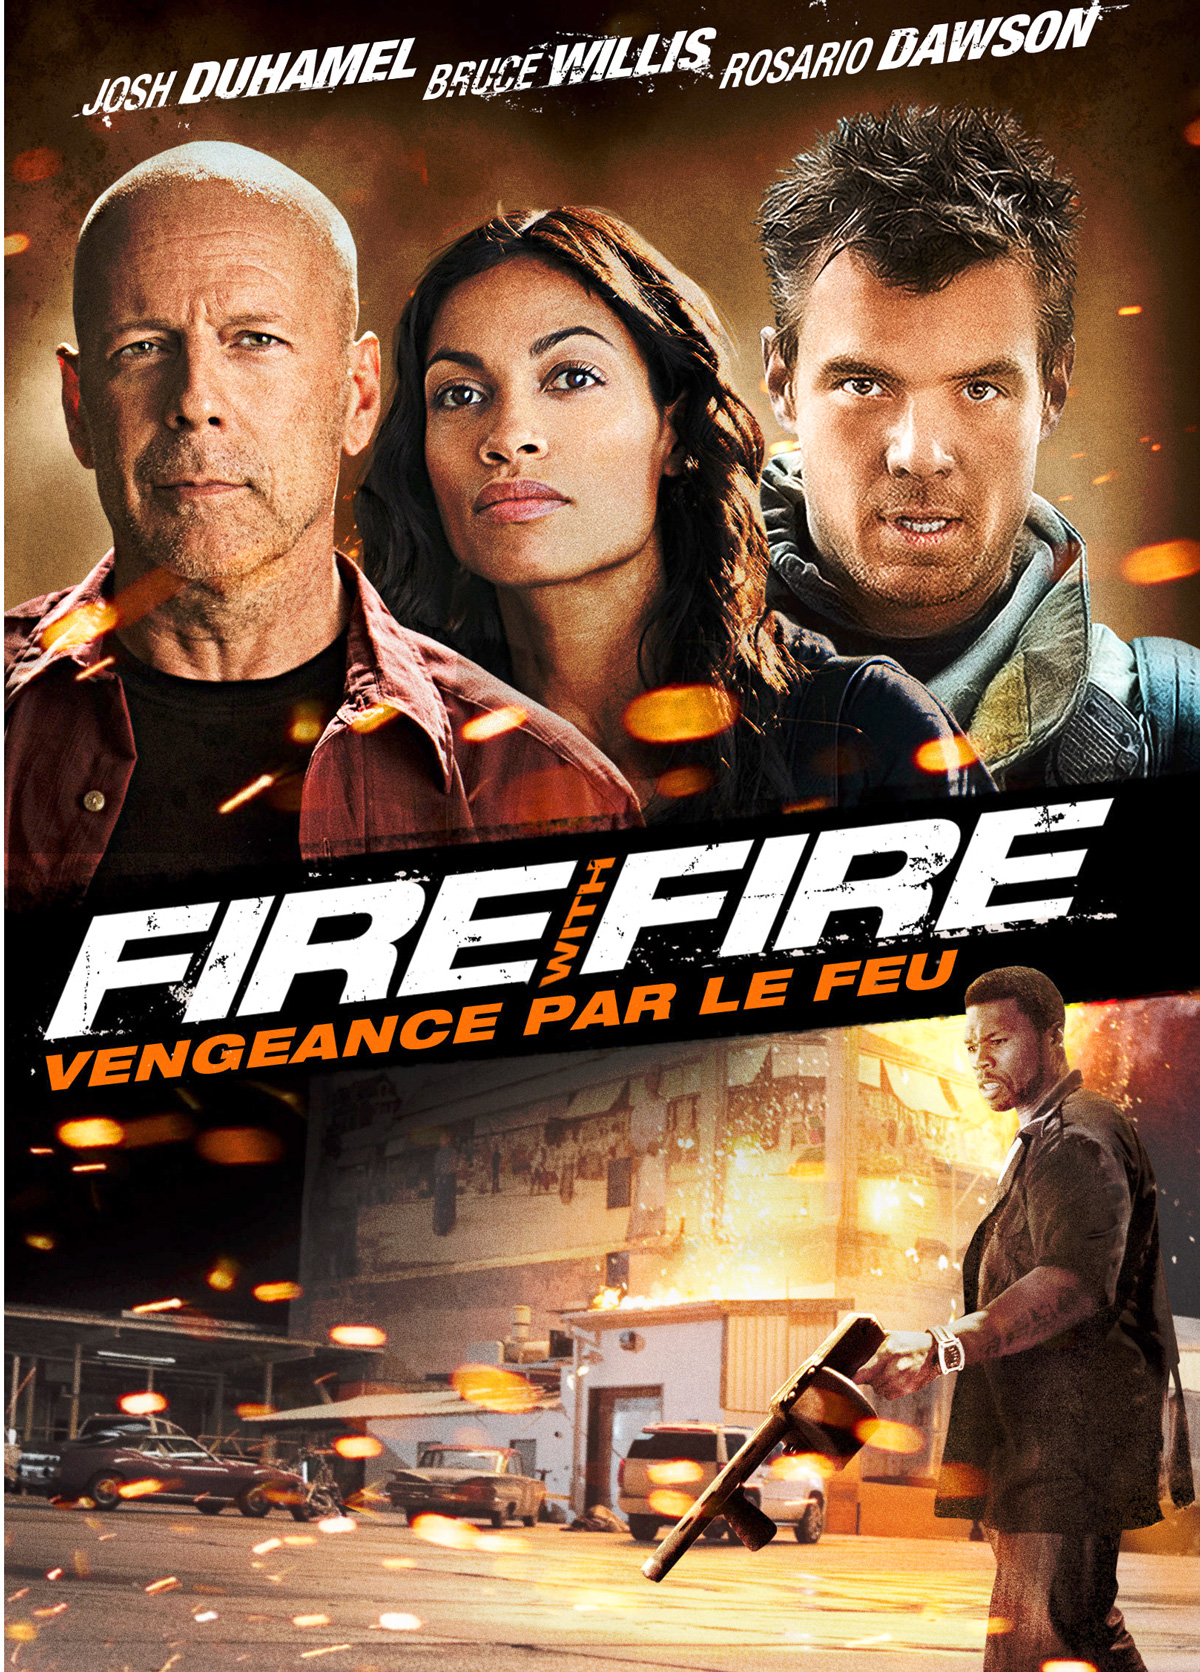 Fire with Fire, la vengeance par le feu